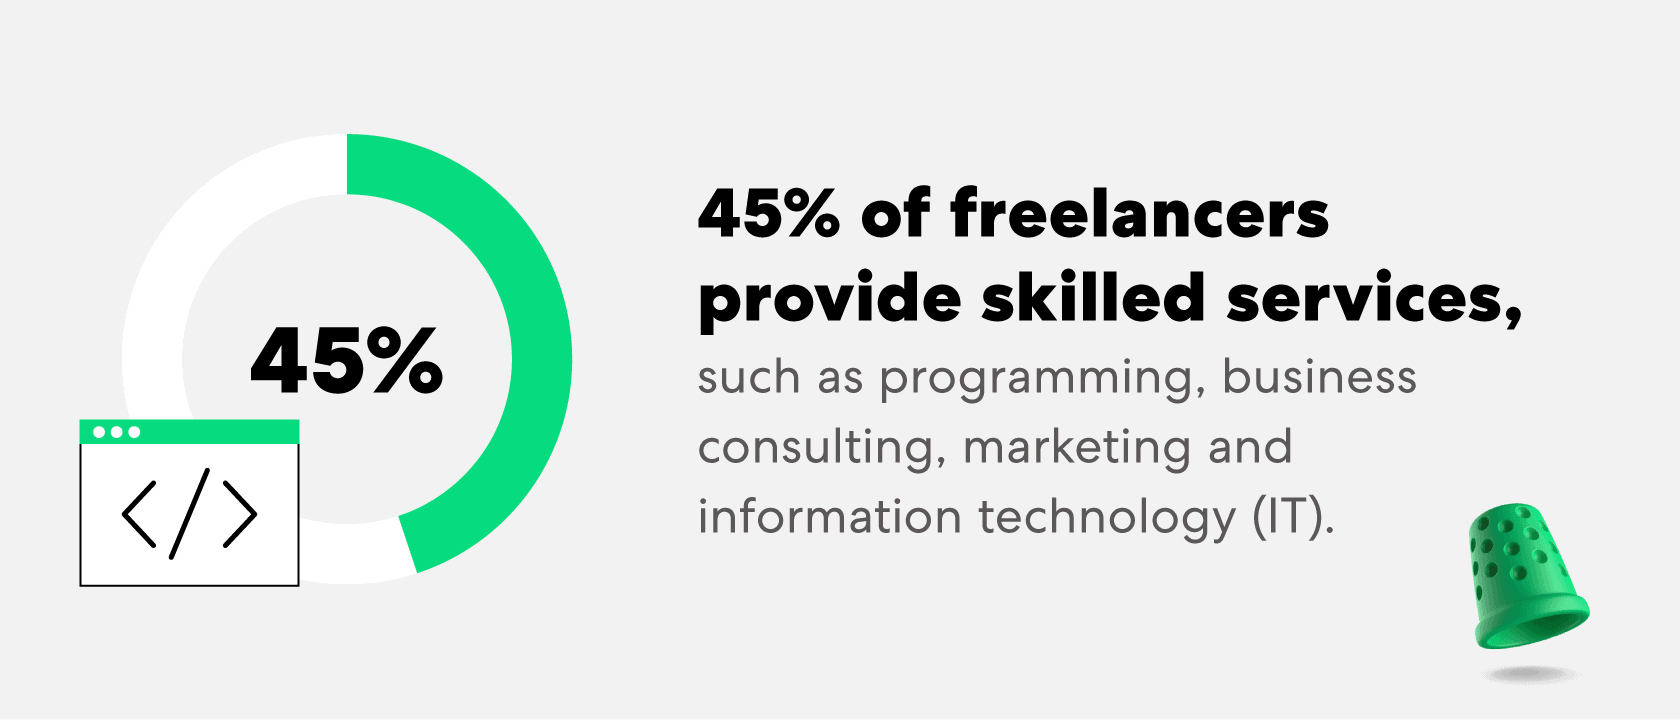 45-freelancers-provide-skilled-services